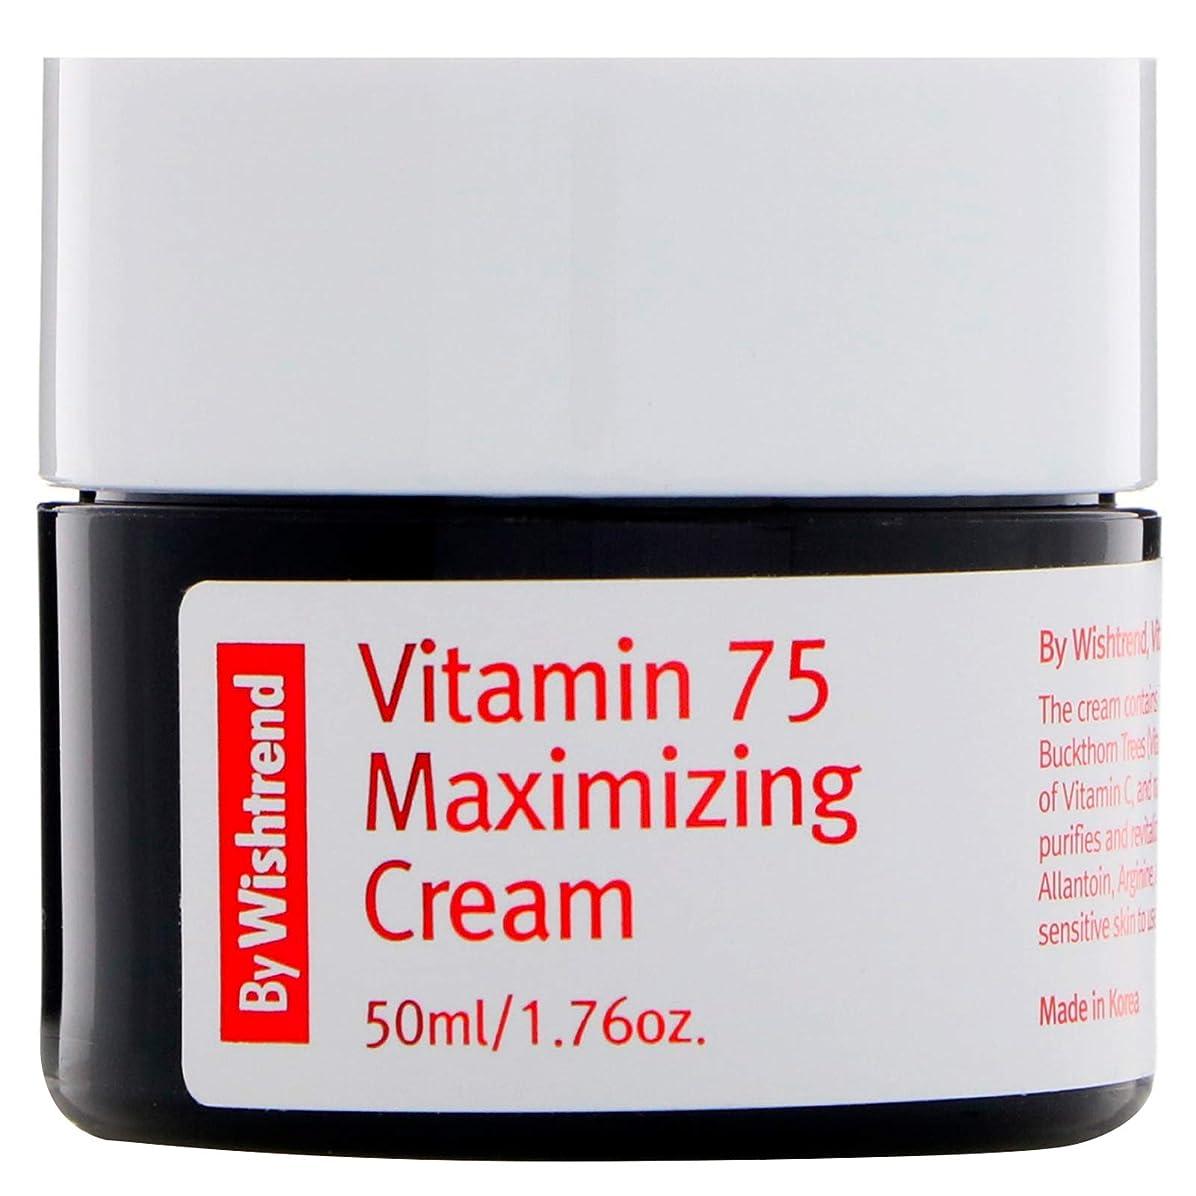 チャネル代理店海[BY WISHTREND]ビタミン75 マキシマイジング クリーム, Vitamin 75 Maximizing Cream [並行輸入品]